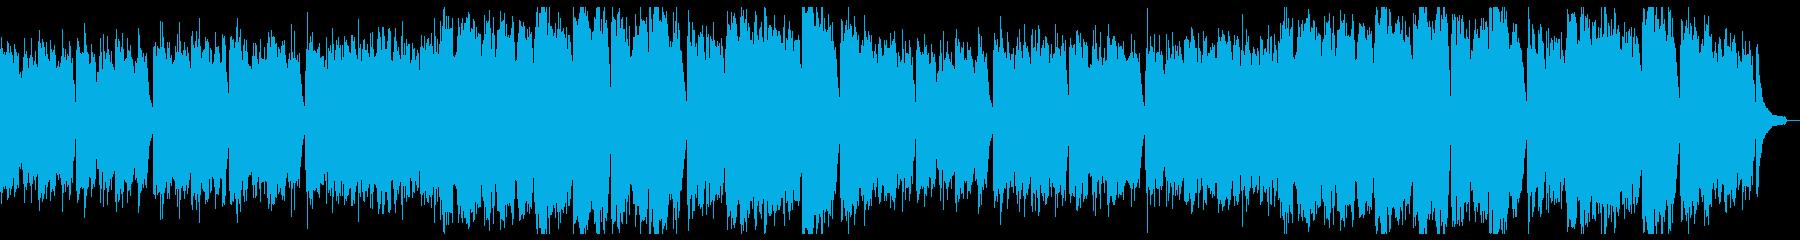 優しく温和なピアノと弦:フル2回の再生済みの波形